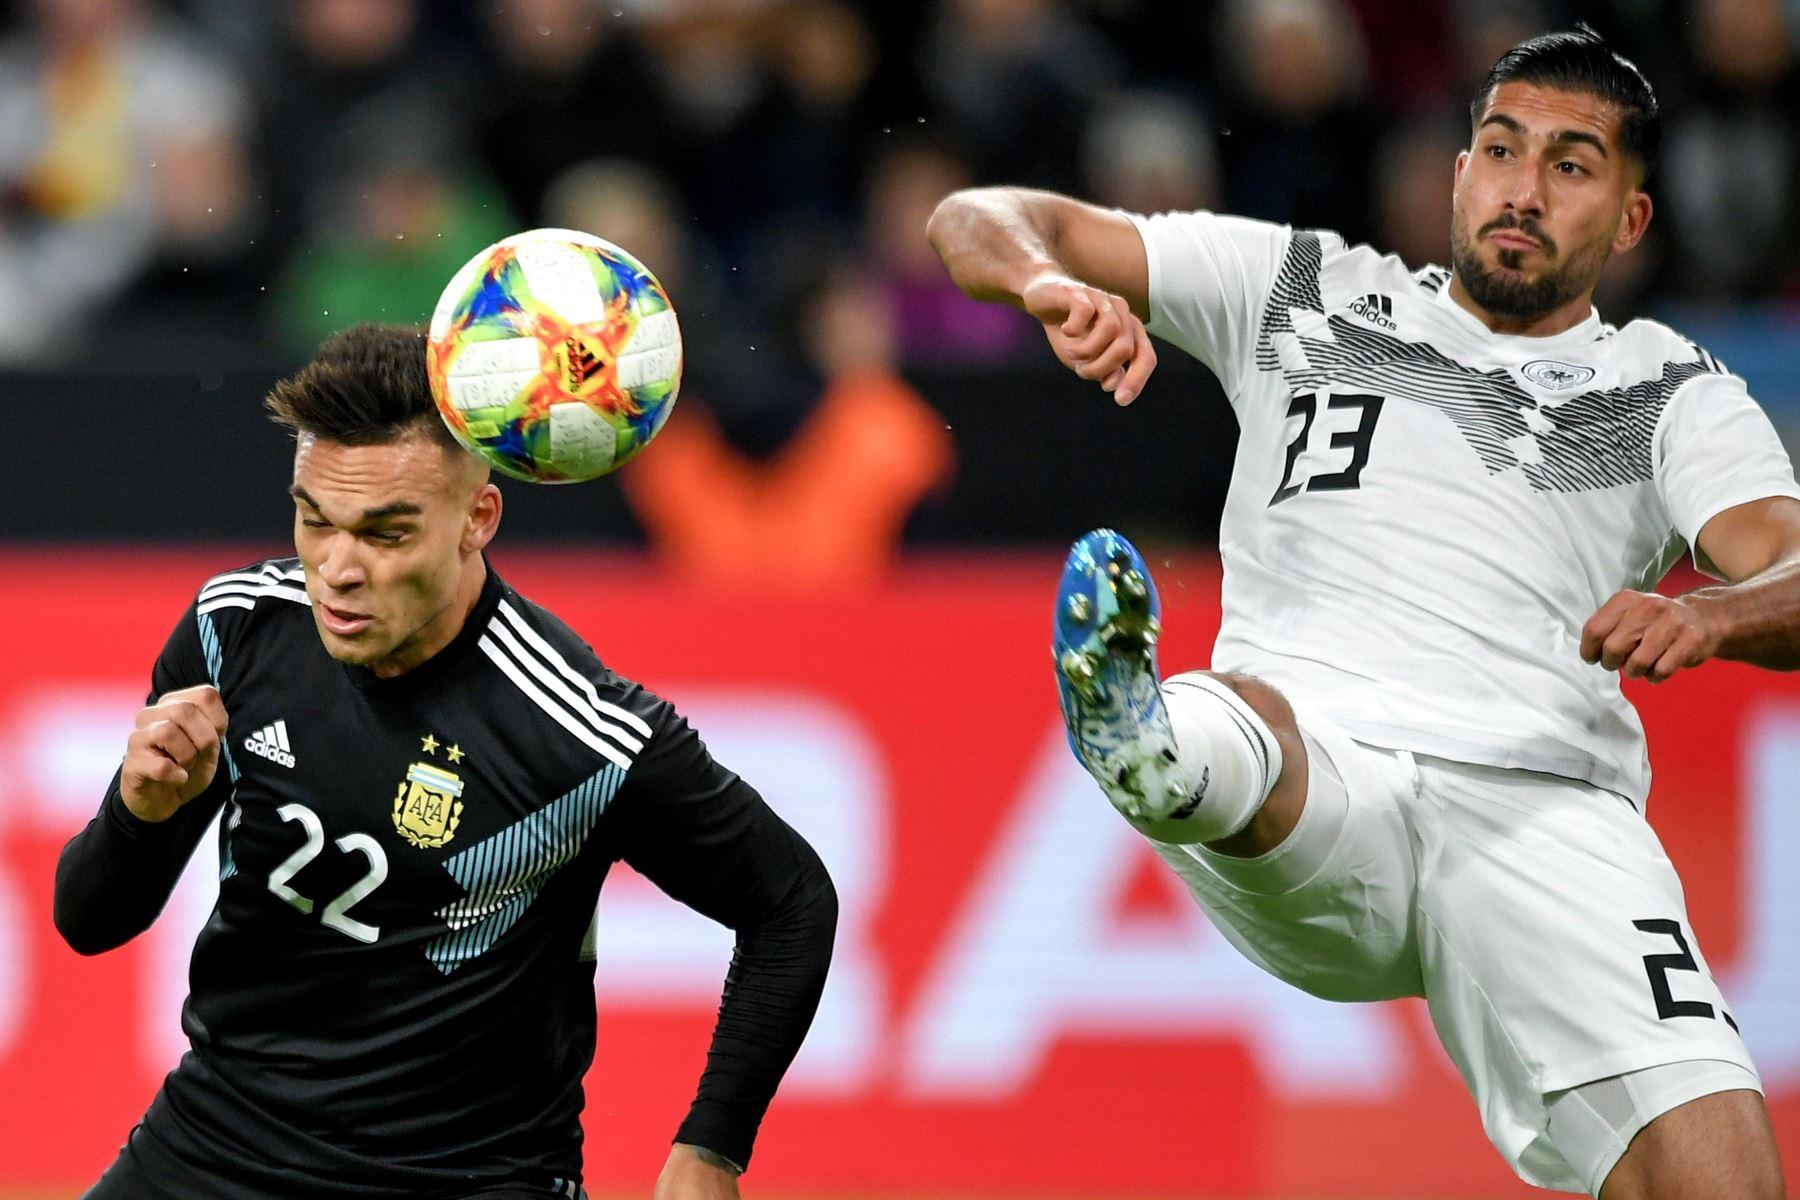 El argentino Lautaro Martínez (L) en acción contra el alemán Emre Can (R) durante el partido amistoso de fútbol internacional entre Alemania y Argentina en Dortmund. Foto: EFE